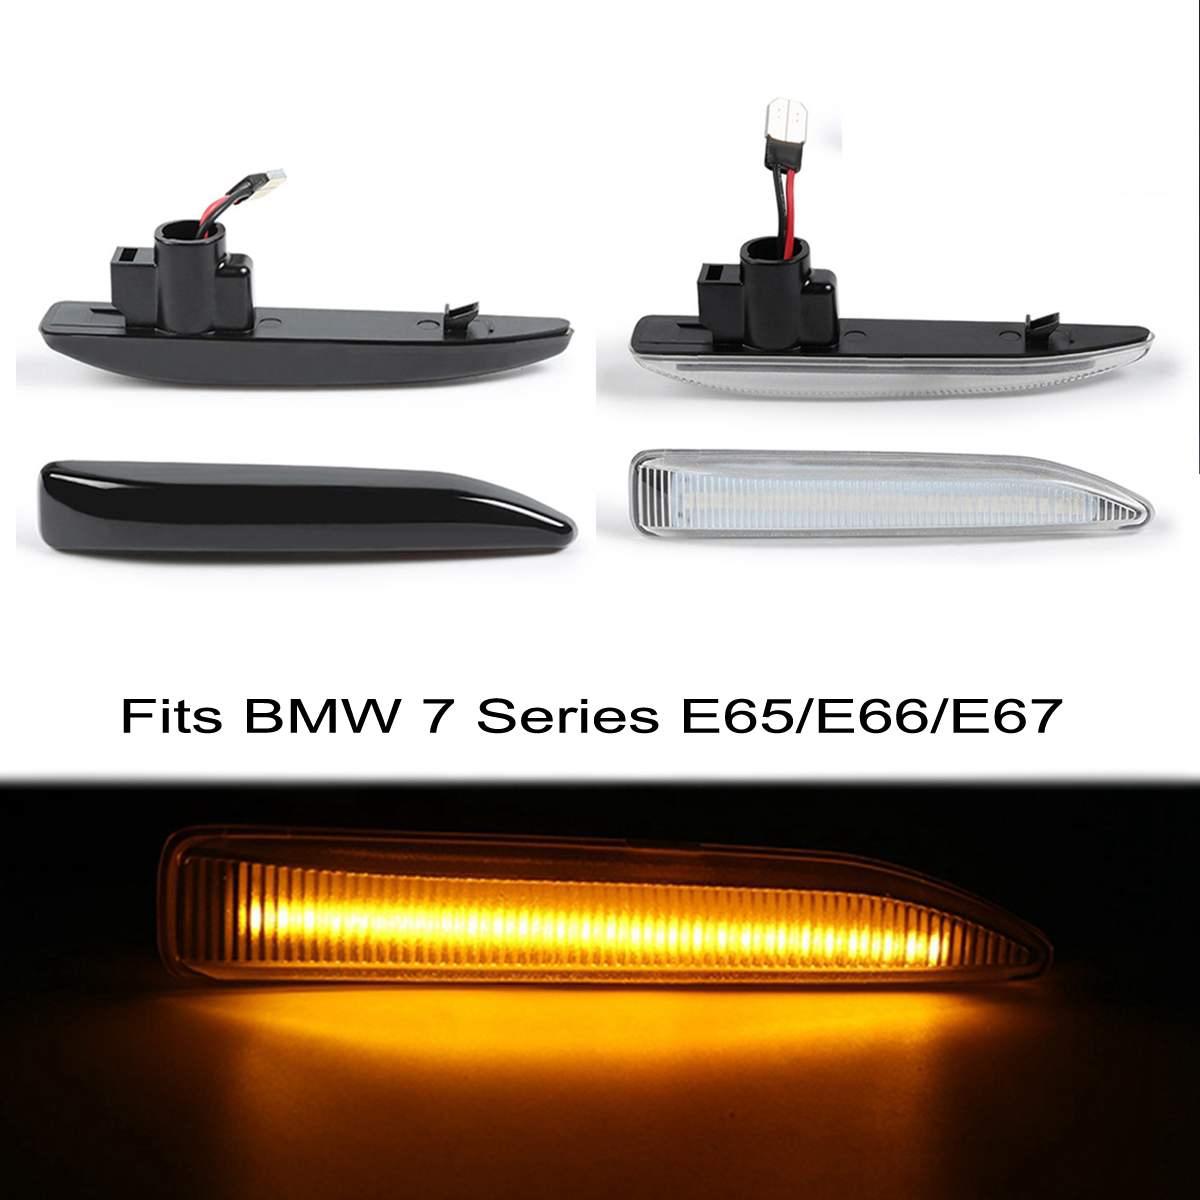 Audew 2 шт. Светодиодный Боковой габаритный индикатор, повторитель сигнала поворота, светильник вая панель, лампа указателя поворота для BMW E65 ...